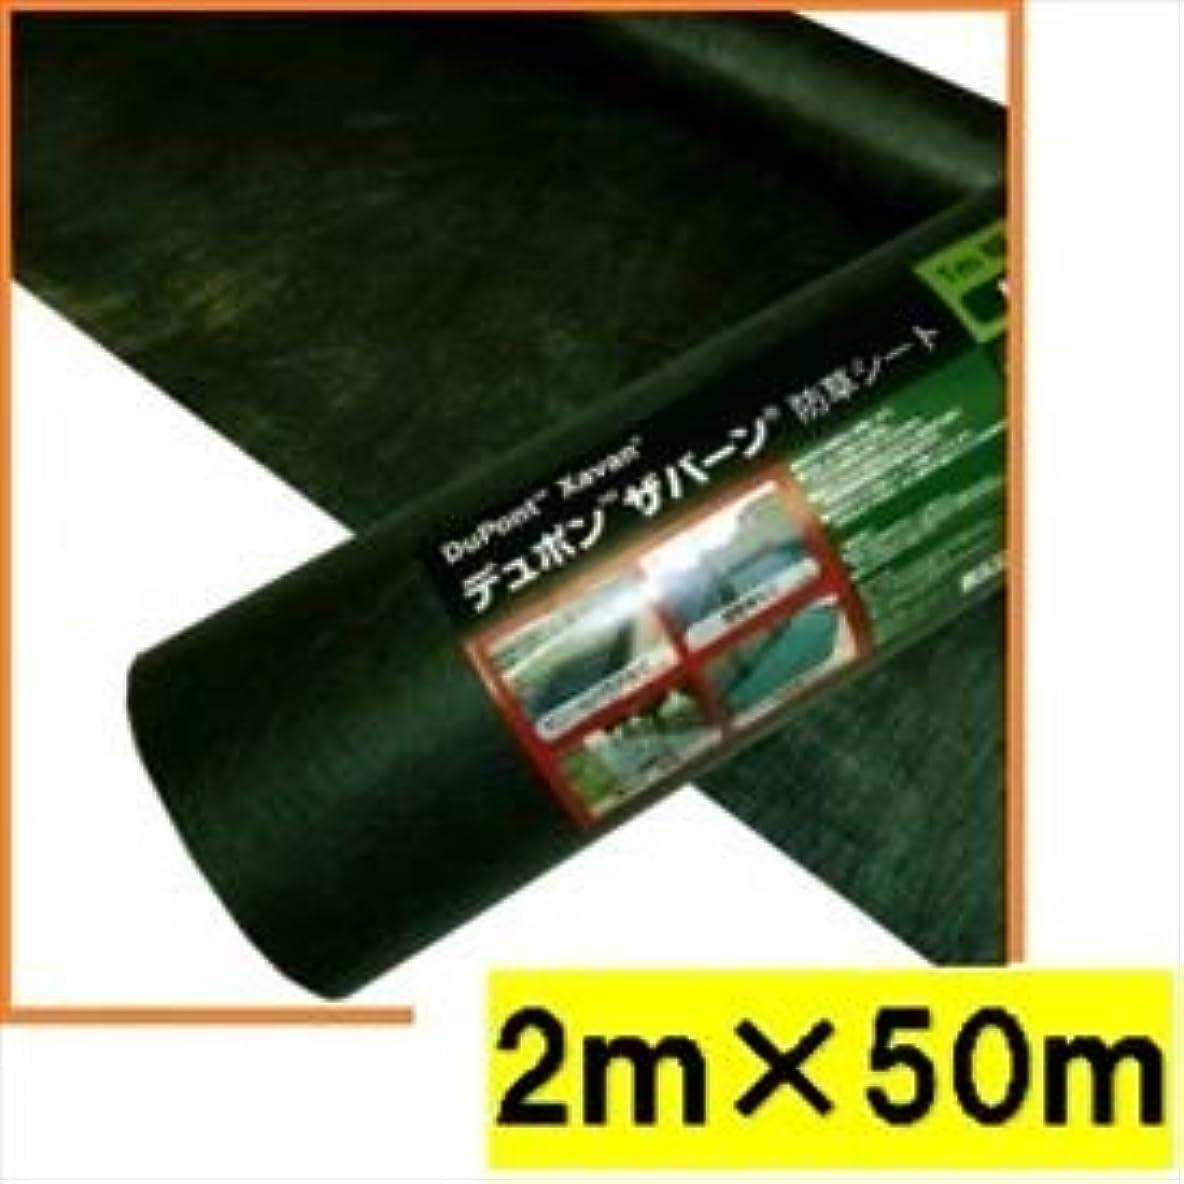 想定入場料ドレスグリーンフィールド ザバーン防草シート136 スタンダードタイプ/厚さ0.4mm 2m×50m XA-136G2.0 グリーン